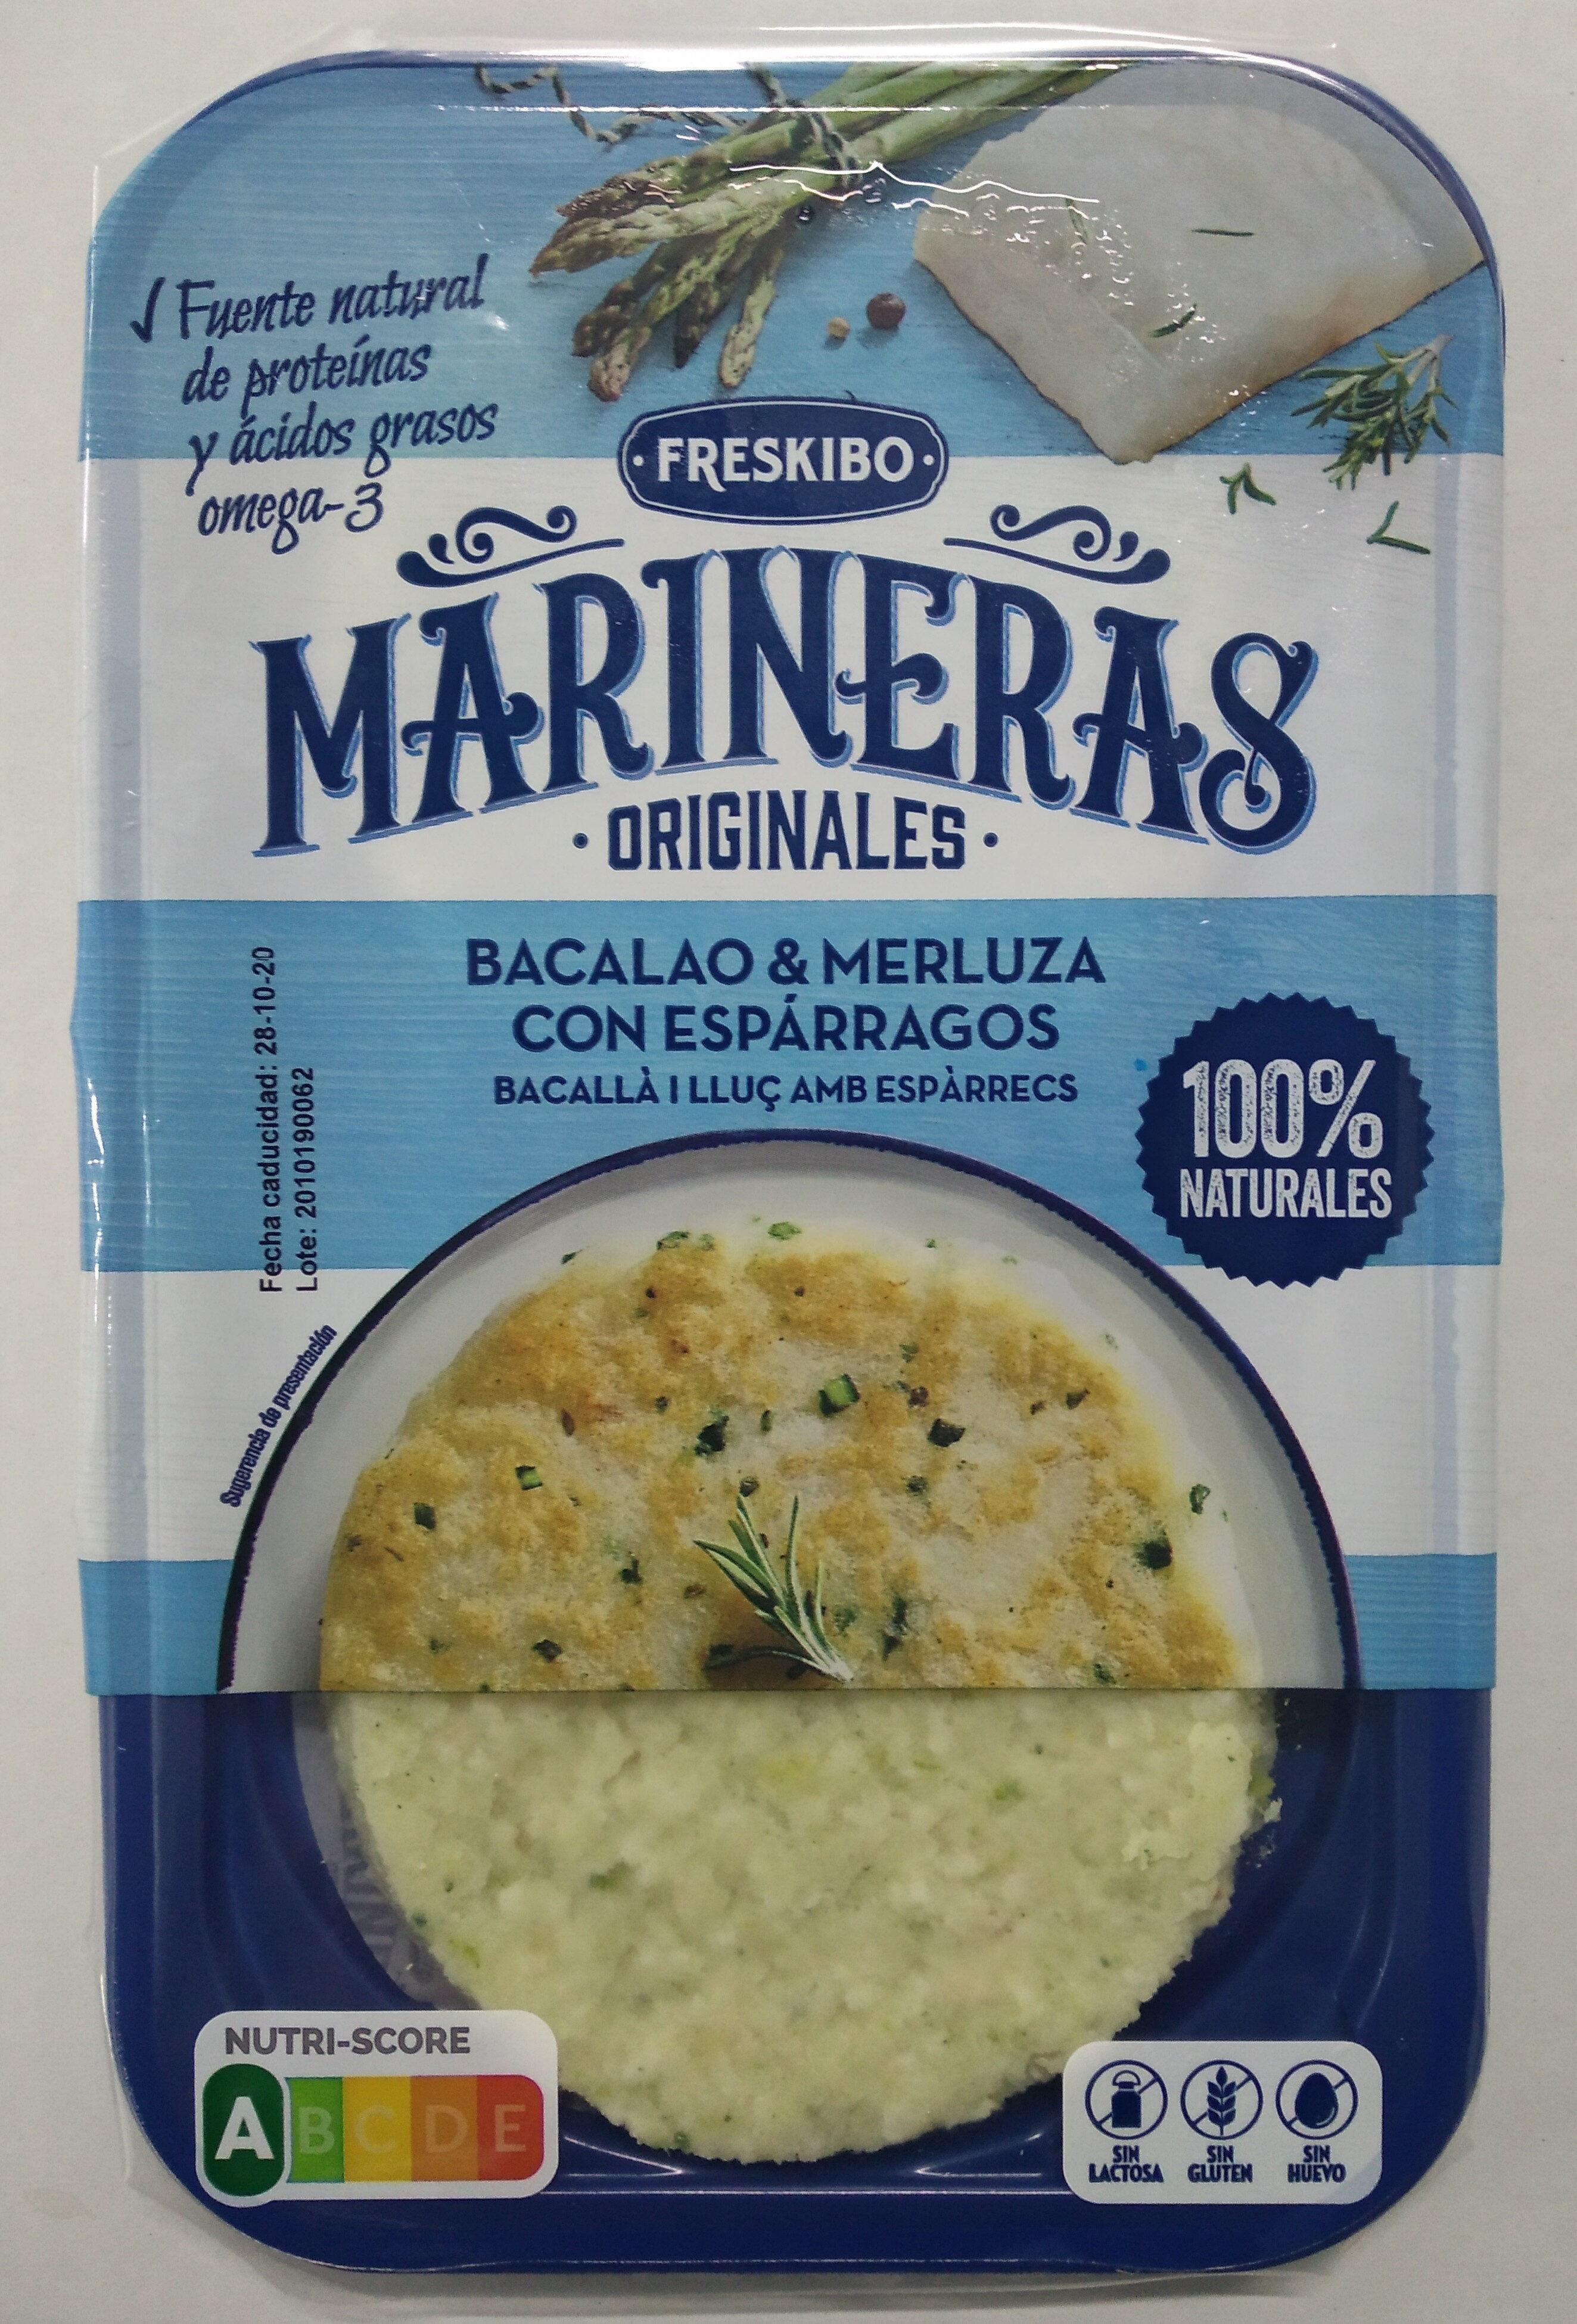 Marinera Bacalao & merluza con espárragos - Product - es